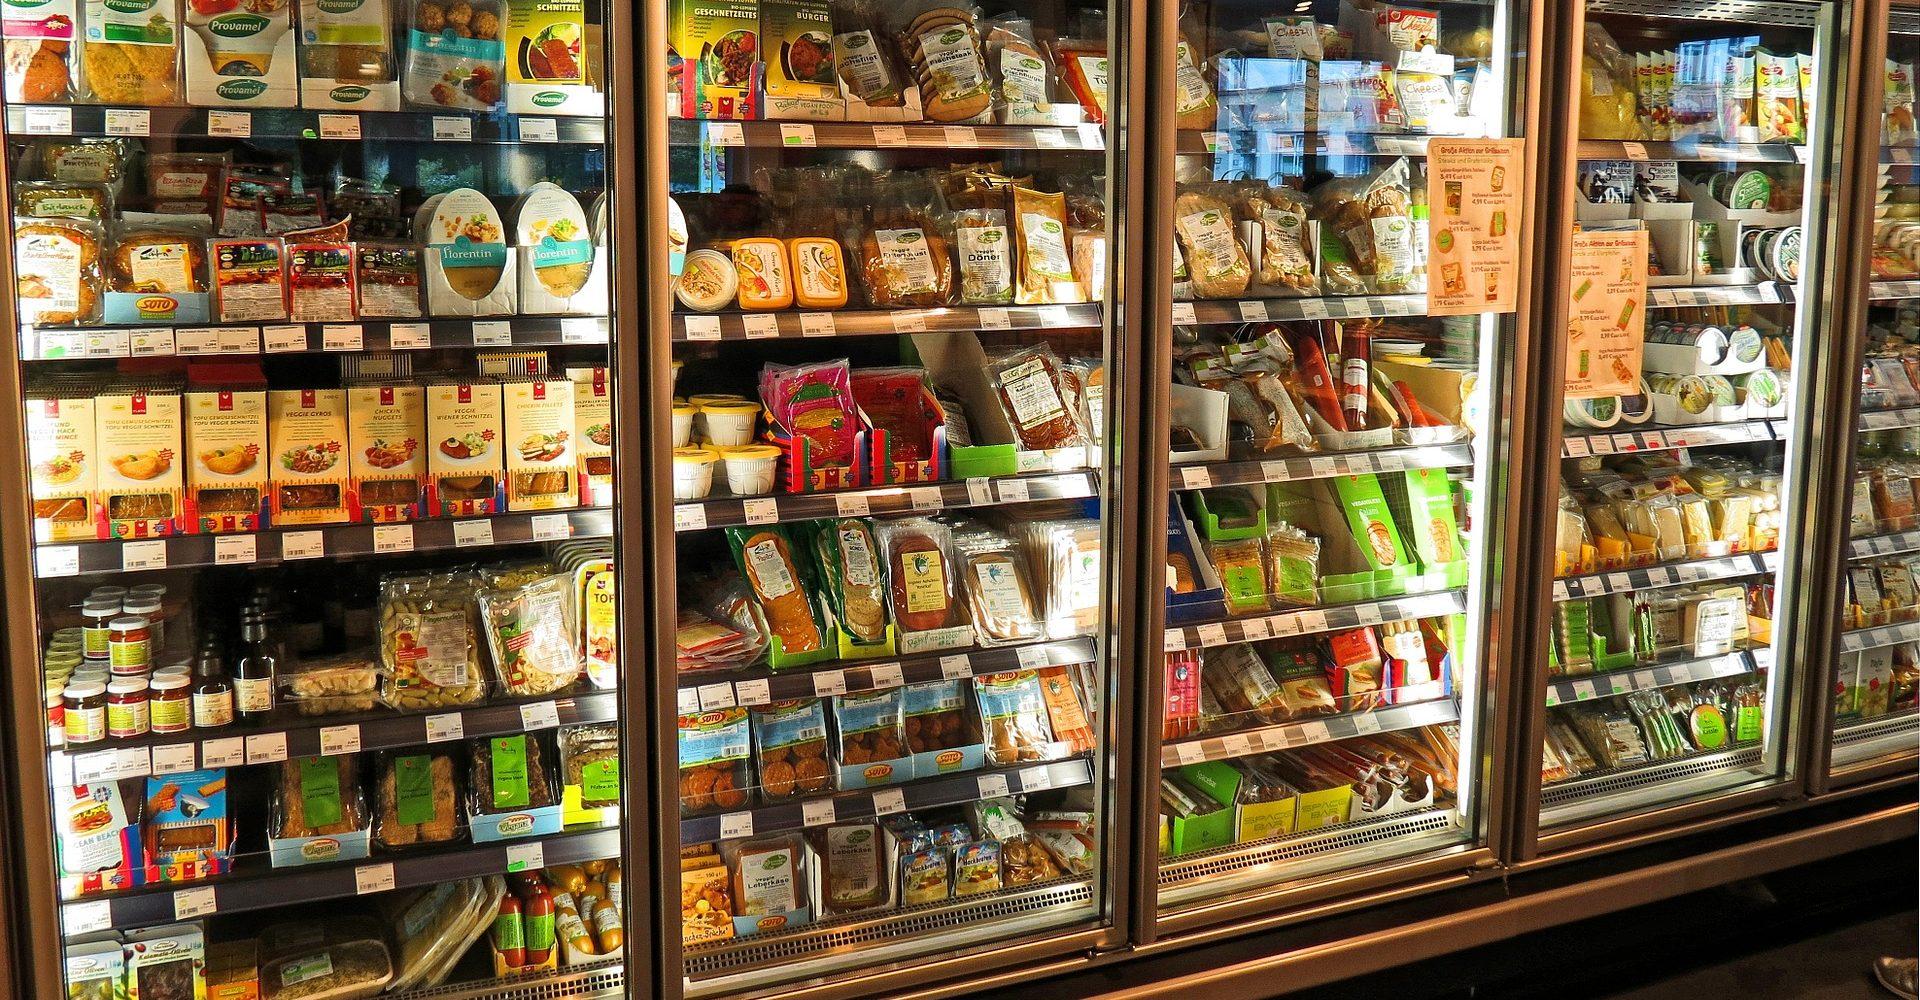 https://i0.wp.com/nutriciondemonios.com/wp-content/uploads/2019/04/supermarket-949912_1920-1920x1000.jpg